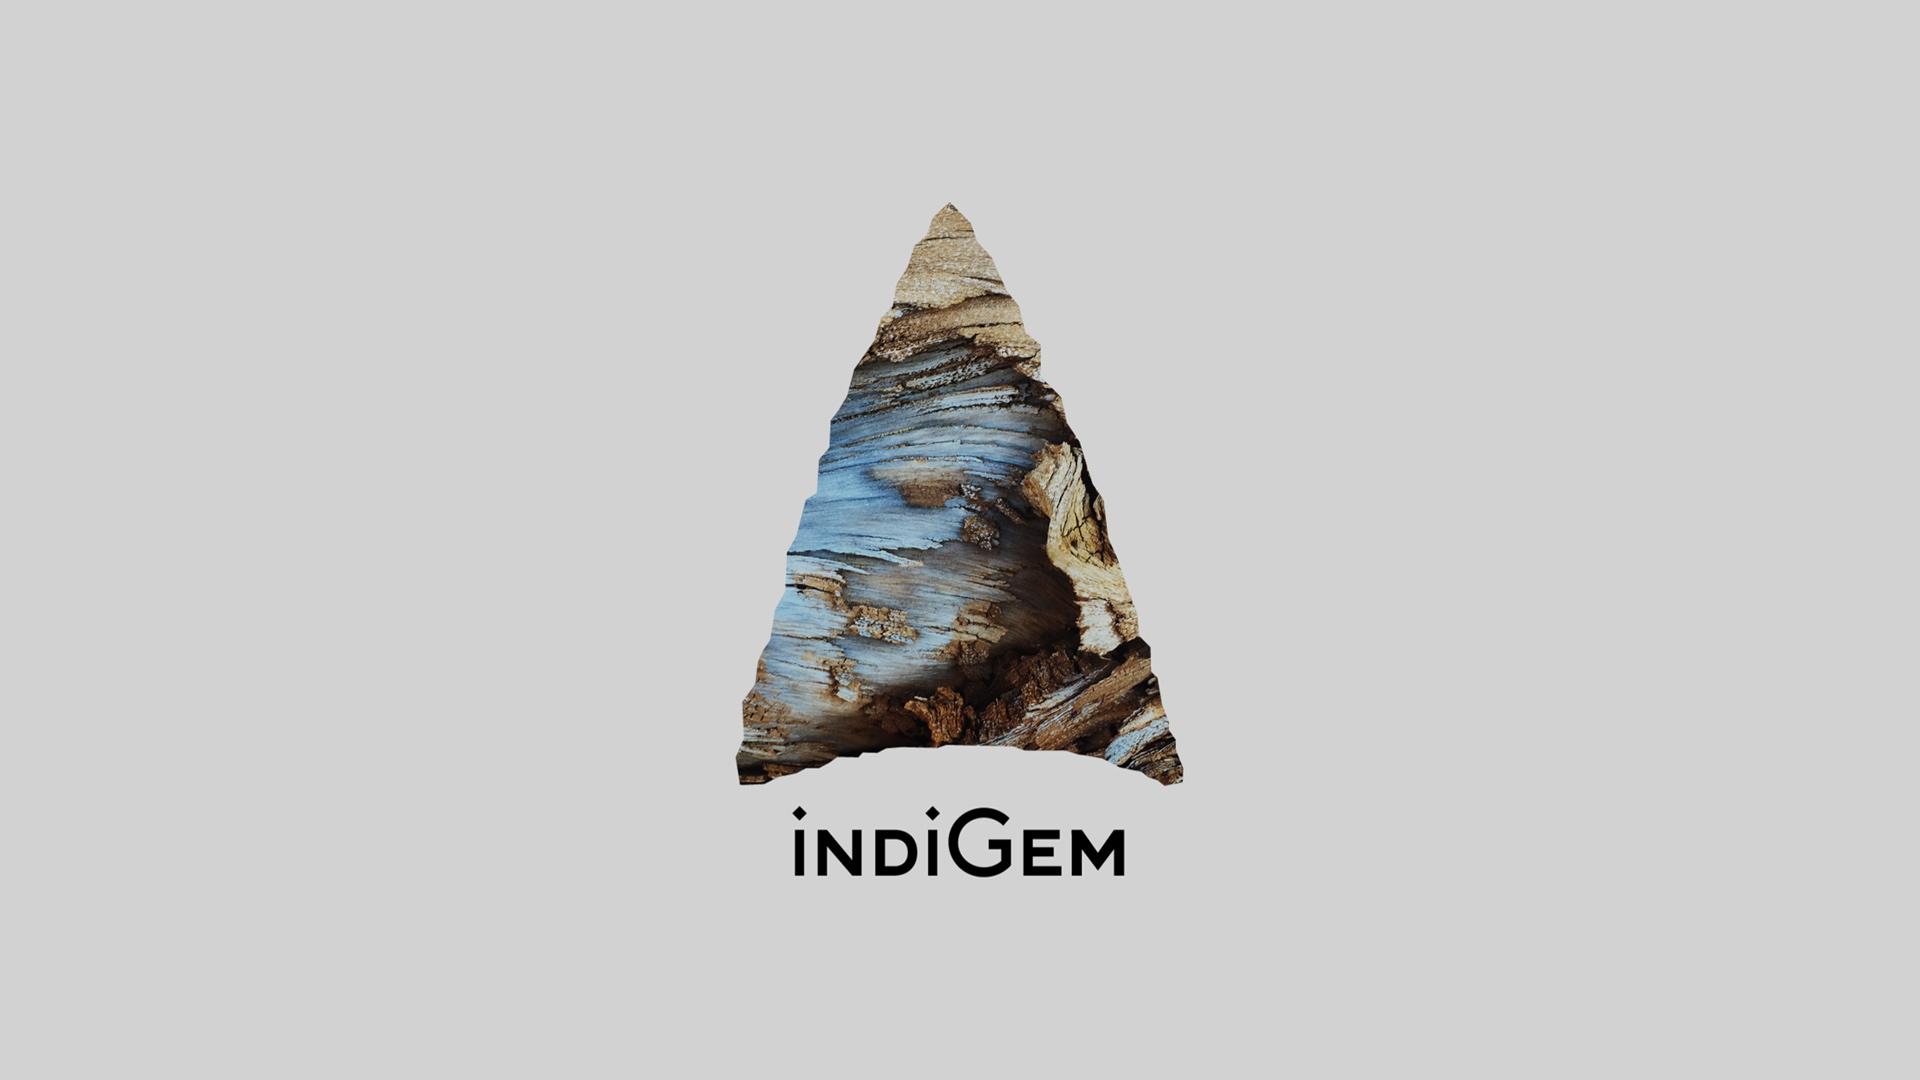 indiGem